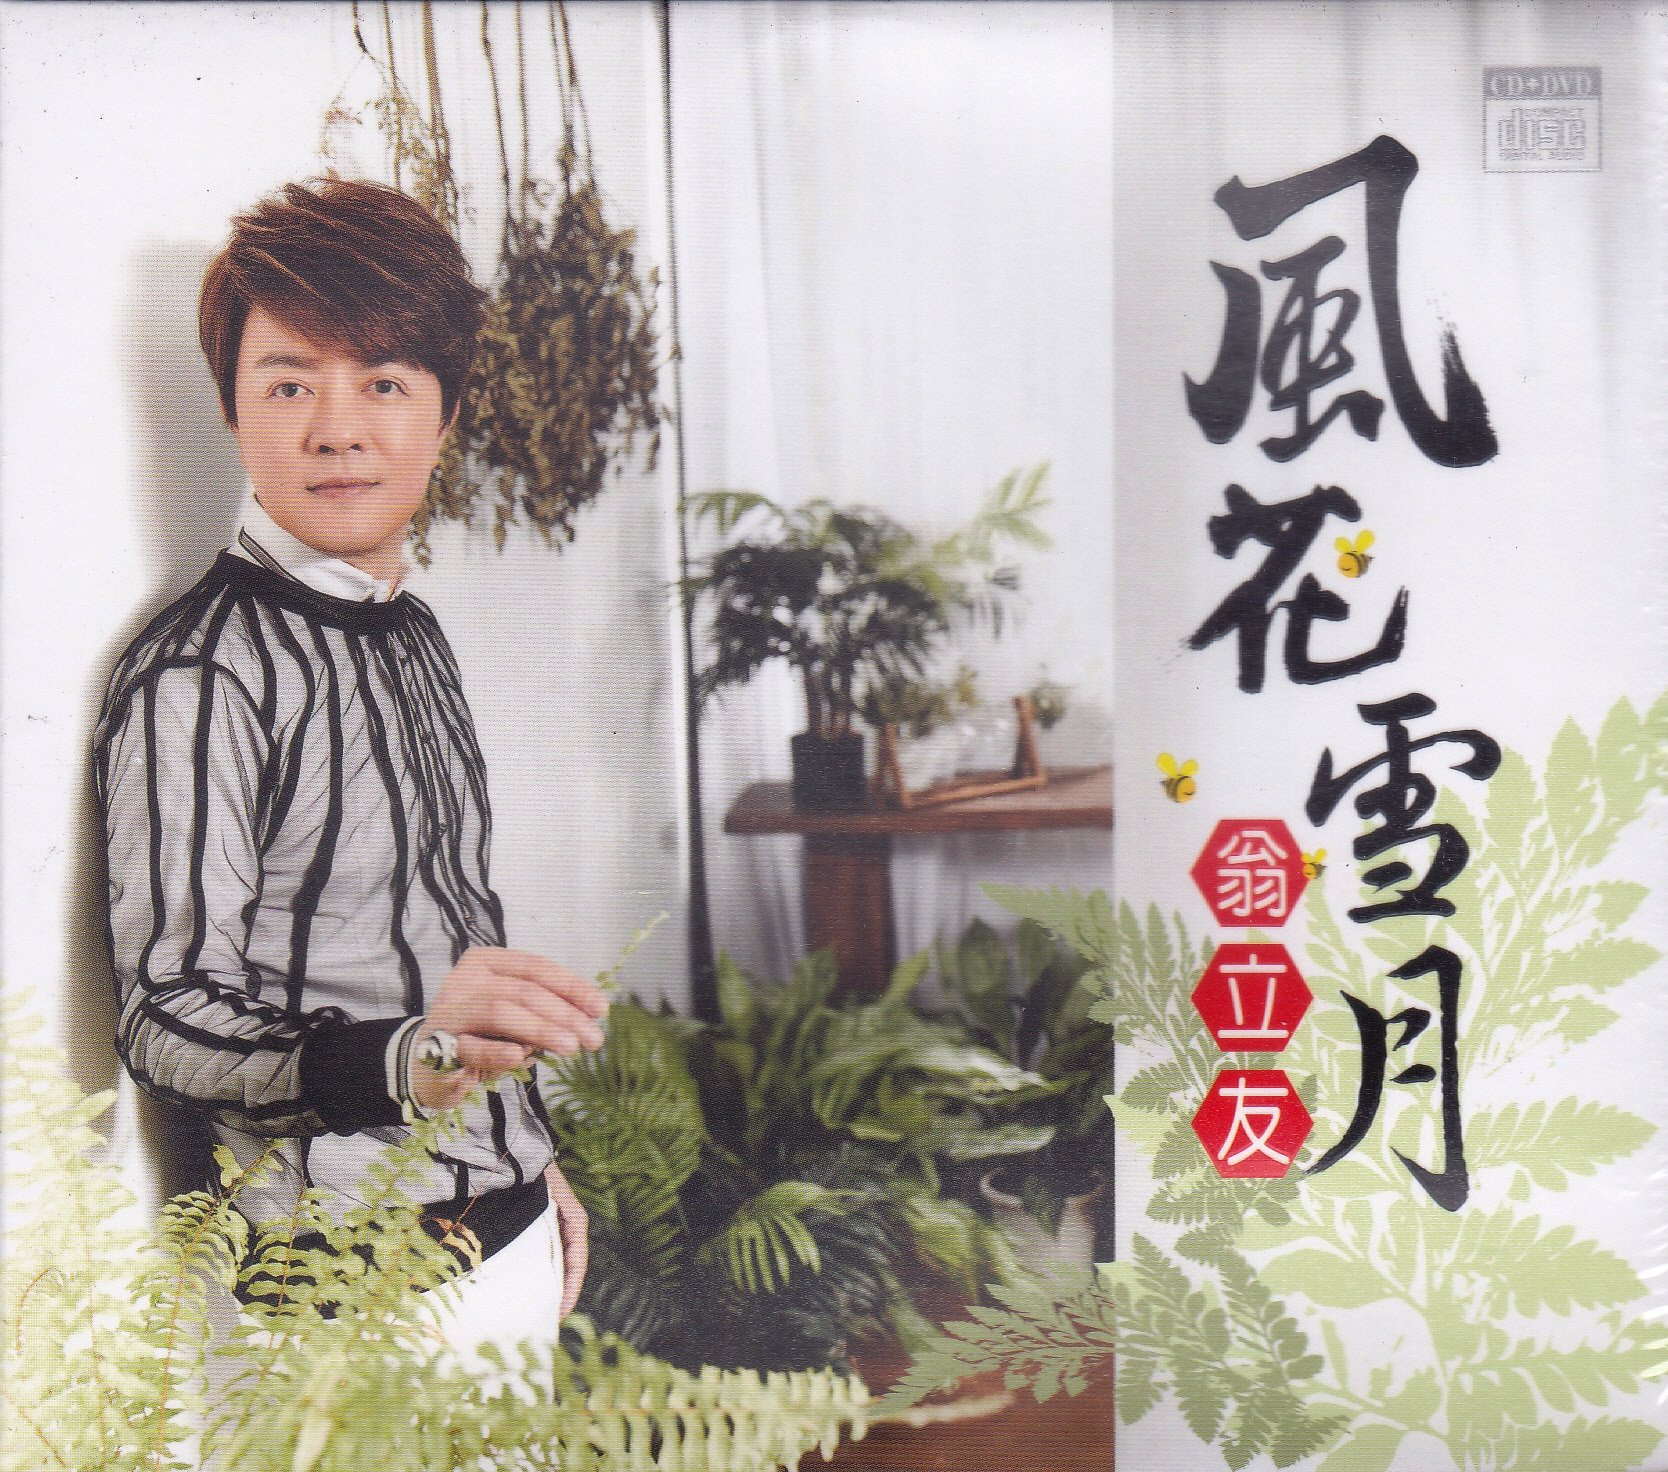 豪記 翁立友 風花雪月 CD+DVD 全新 金家好媳婦 片尾曲 謝金晶 許芷芸